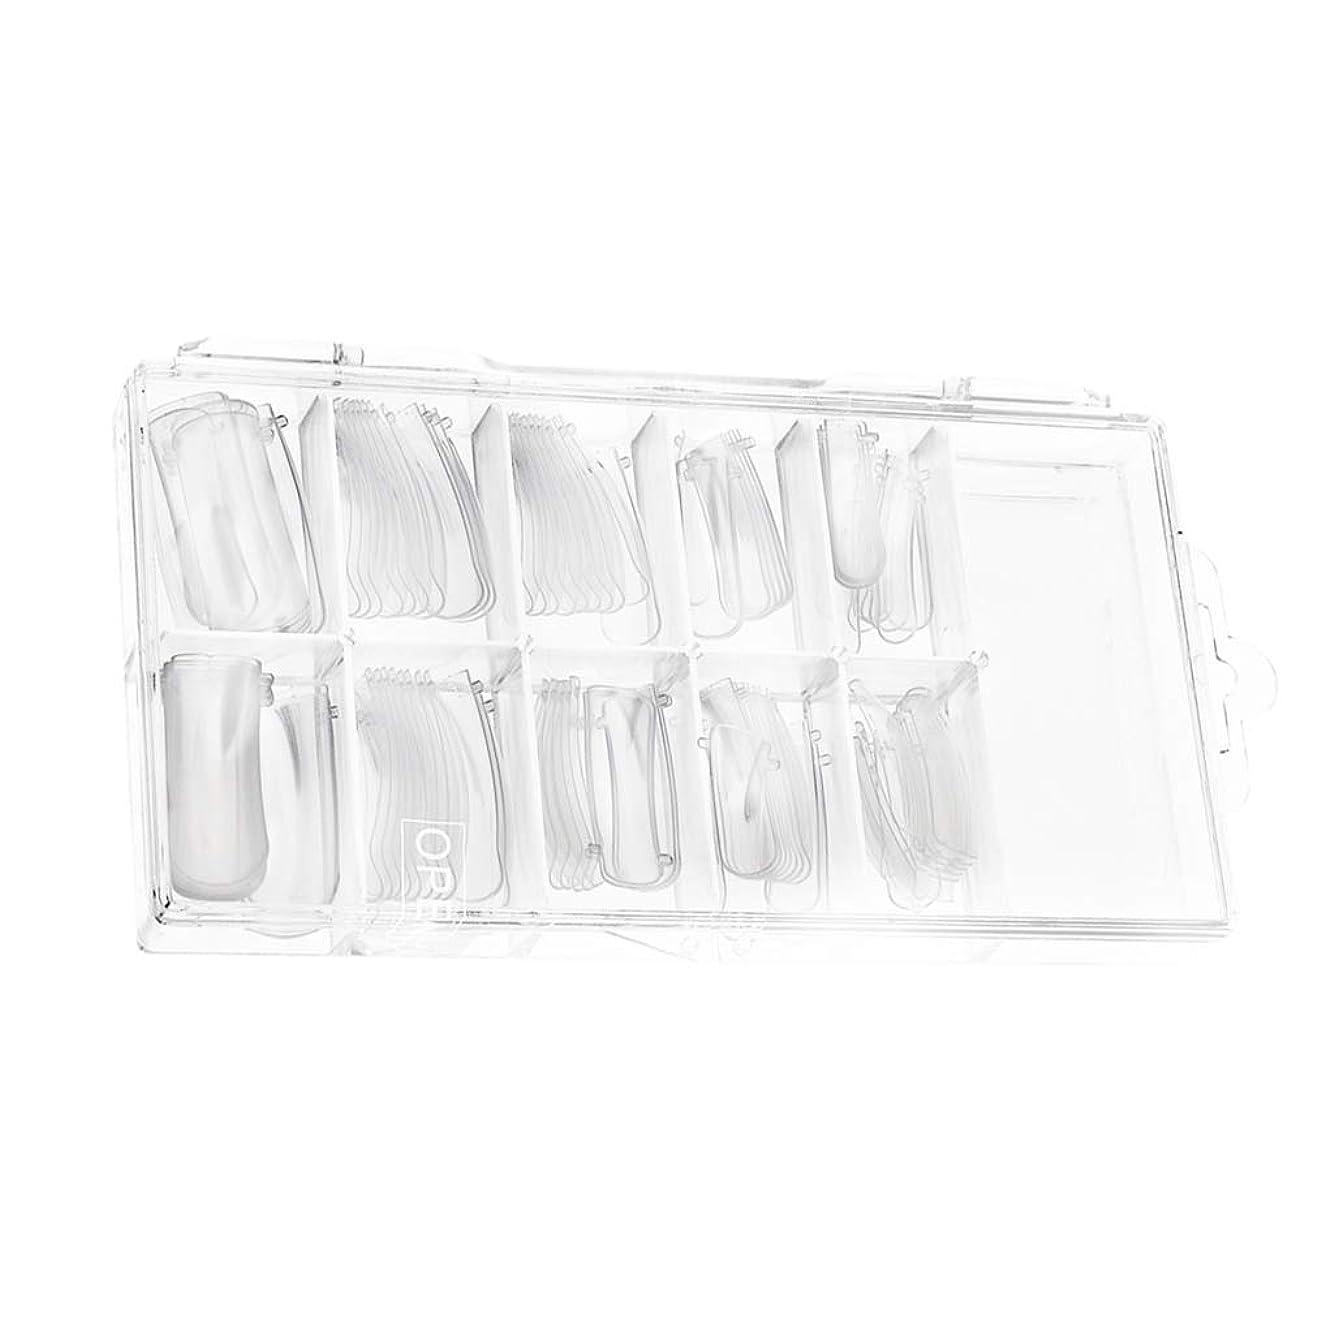 暖かくピクニックをする殺人たくさん100棺ネイルクリアバレリーナネイルのヒントロングフルカバーアクリルネイル個人用または業務用(クリア)用10サイズ